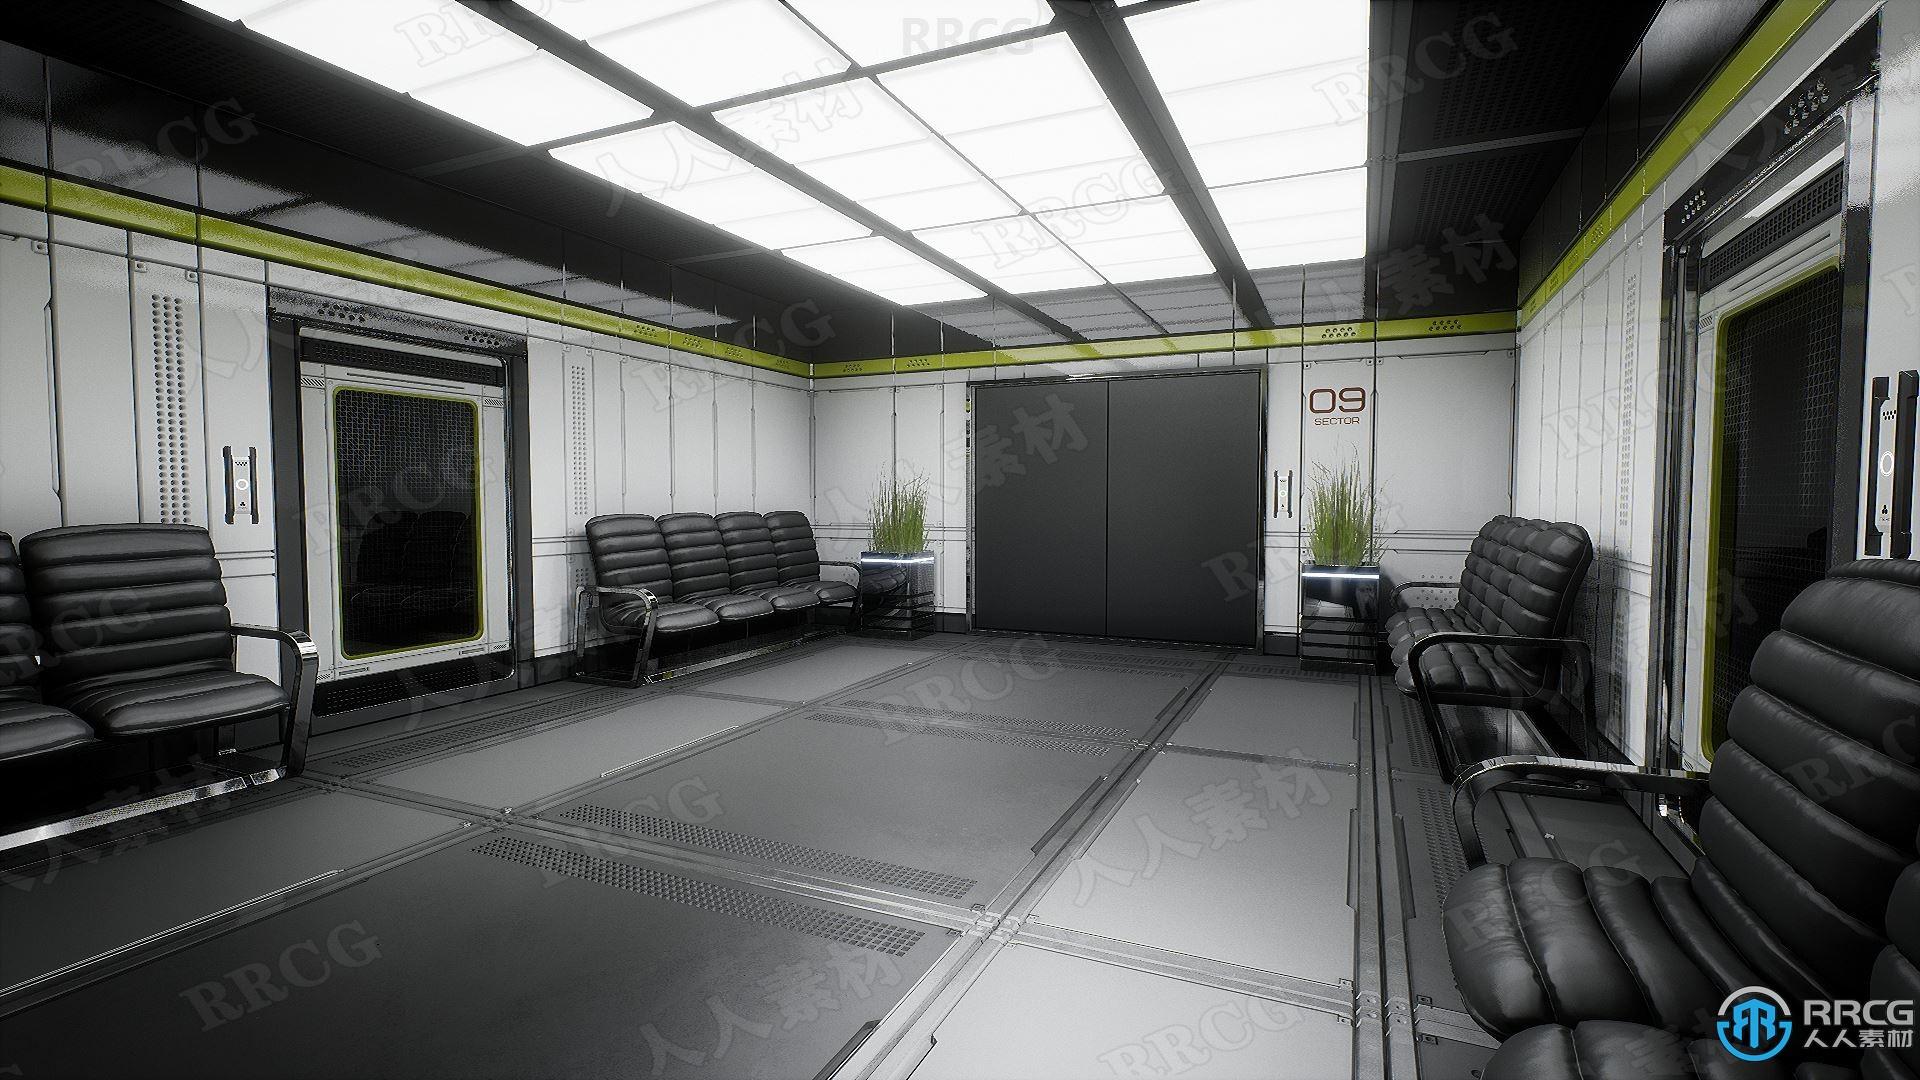 2045年未来派科技感奢华办公室模块化环境架构Unreal Engine游戏素材资源